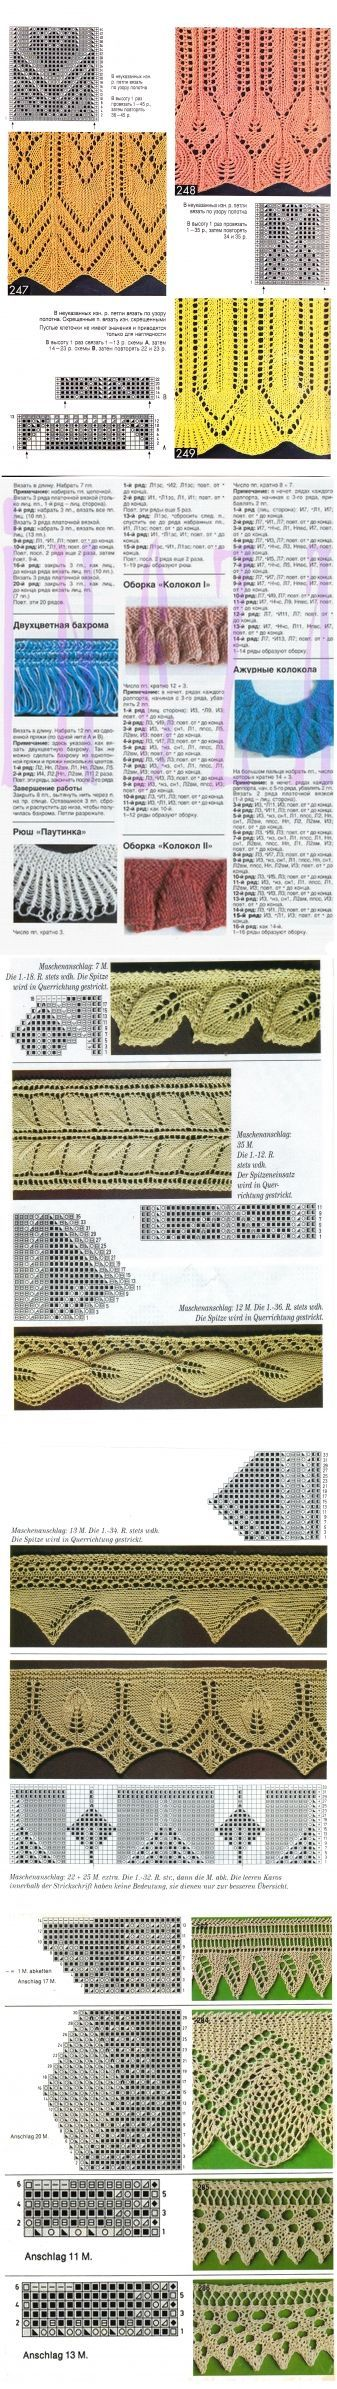 КАЙМА спицами (из ИНТЕРНЕТА) / Вязание спицами / Вязание для женщин спицами. Схемы